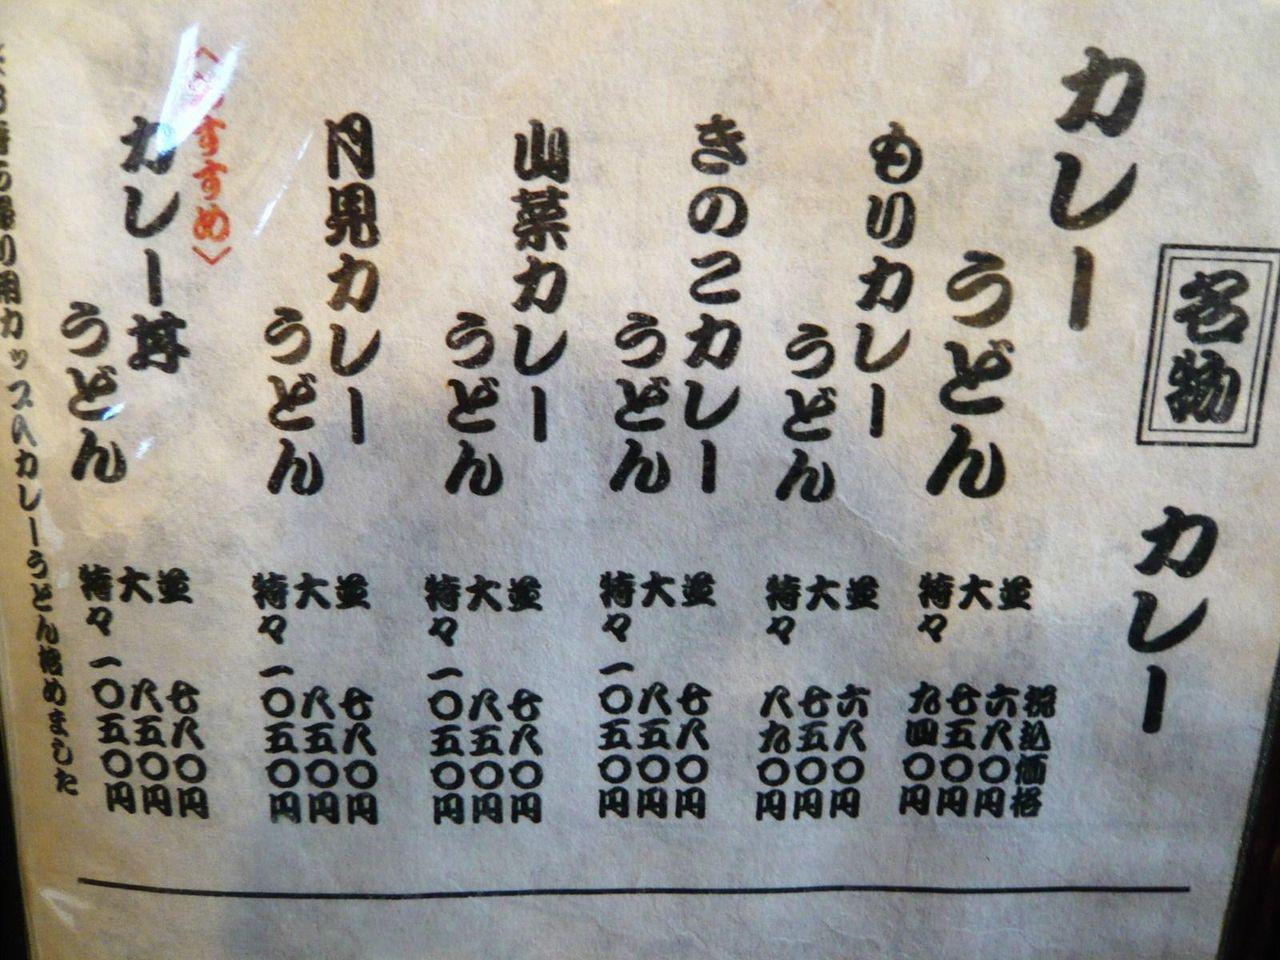 根岸屋のカレーうどんメニュー(23年2月現在)